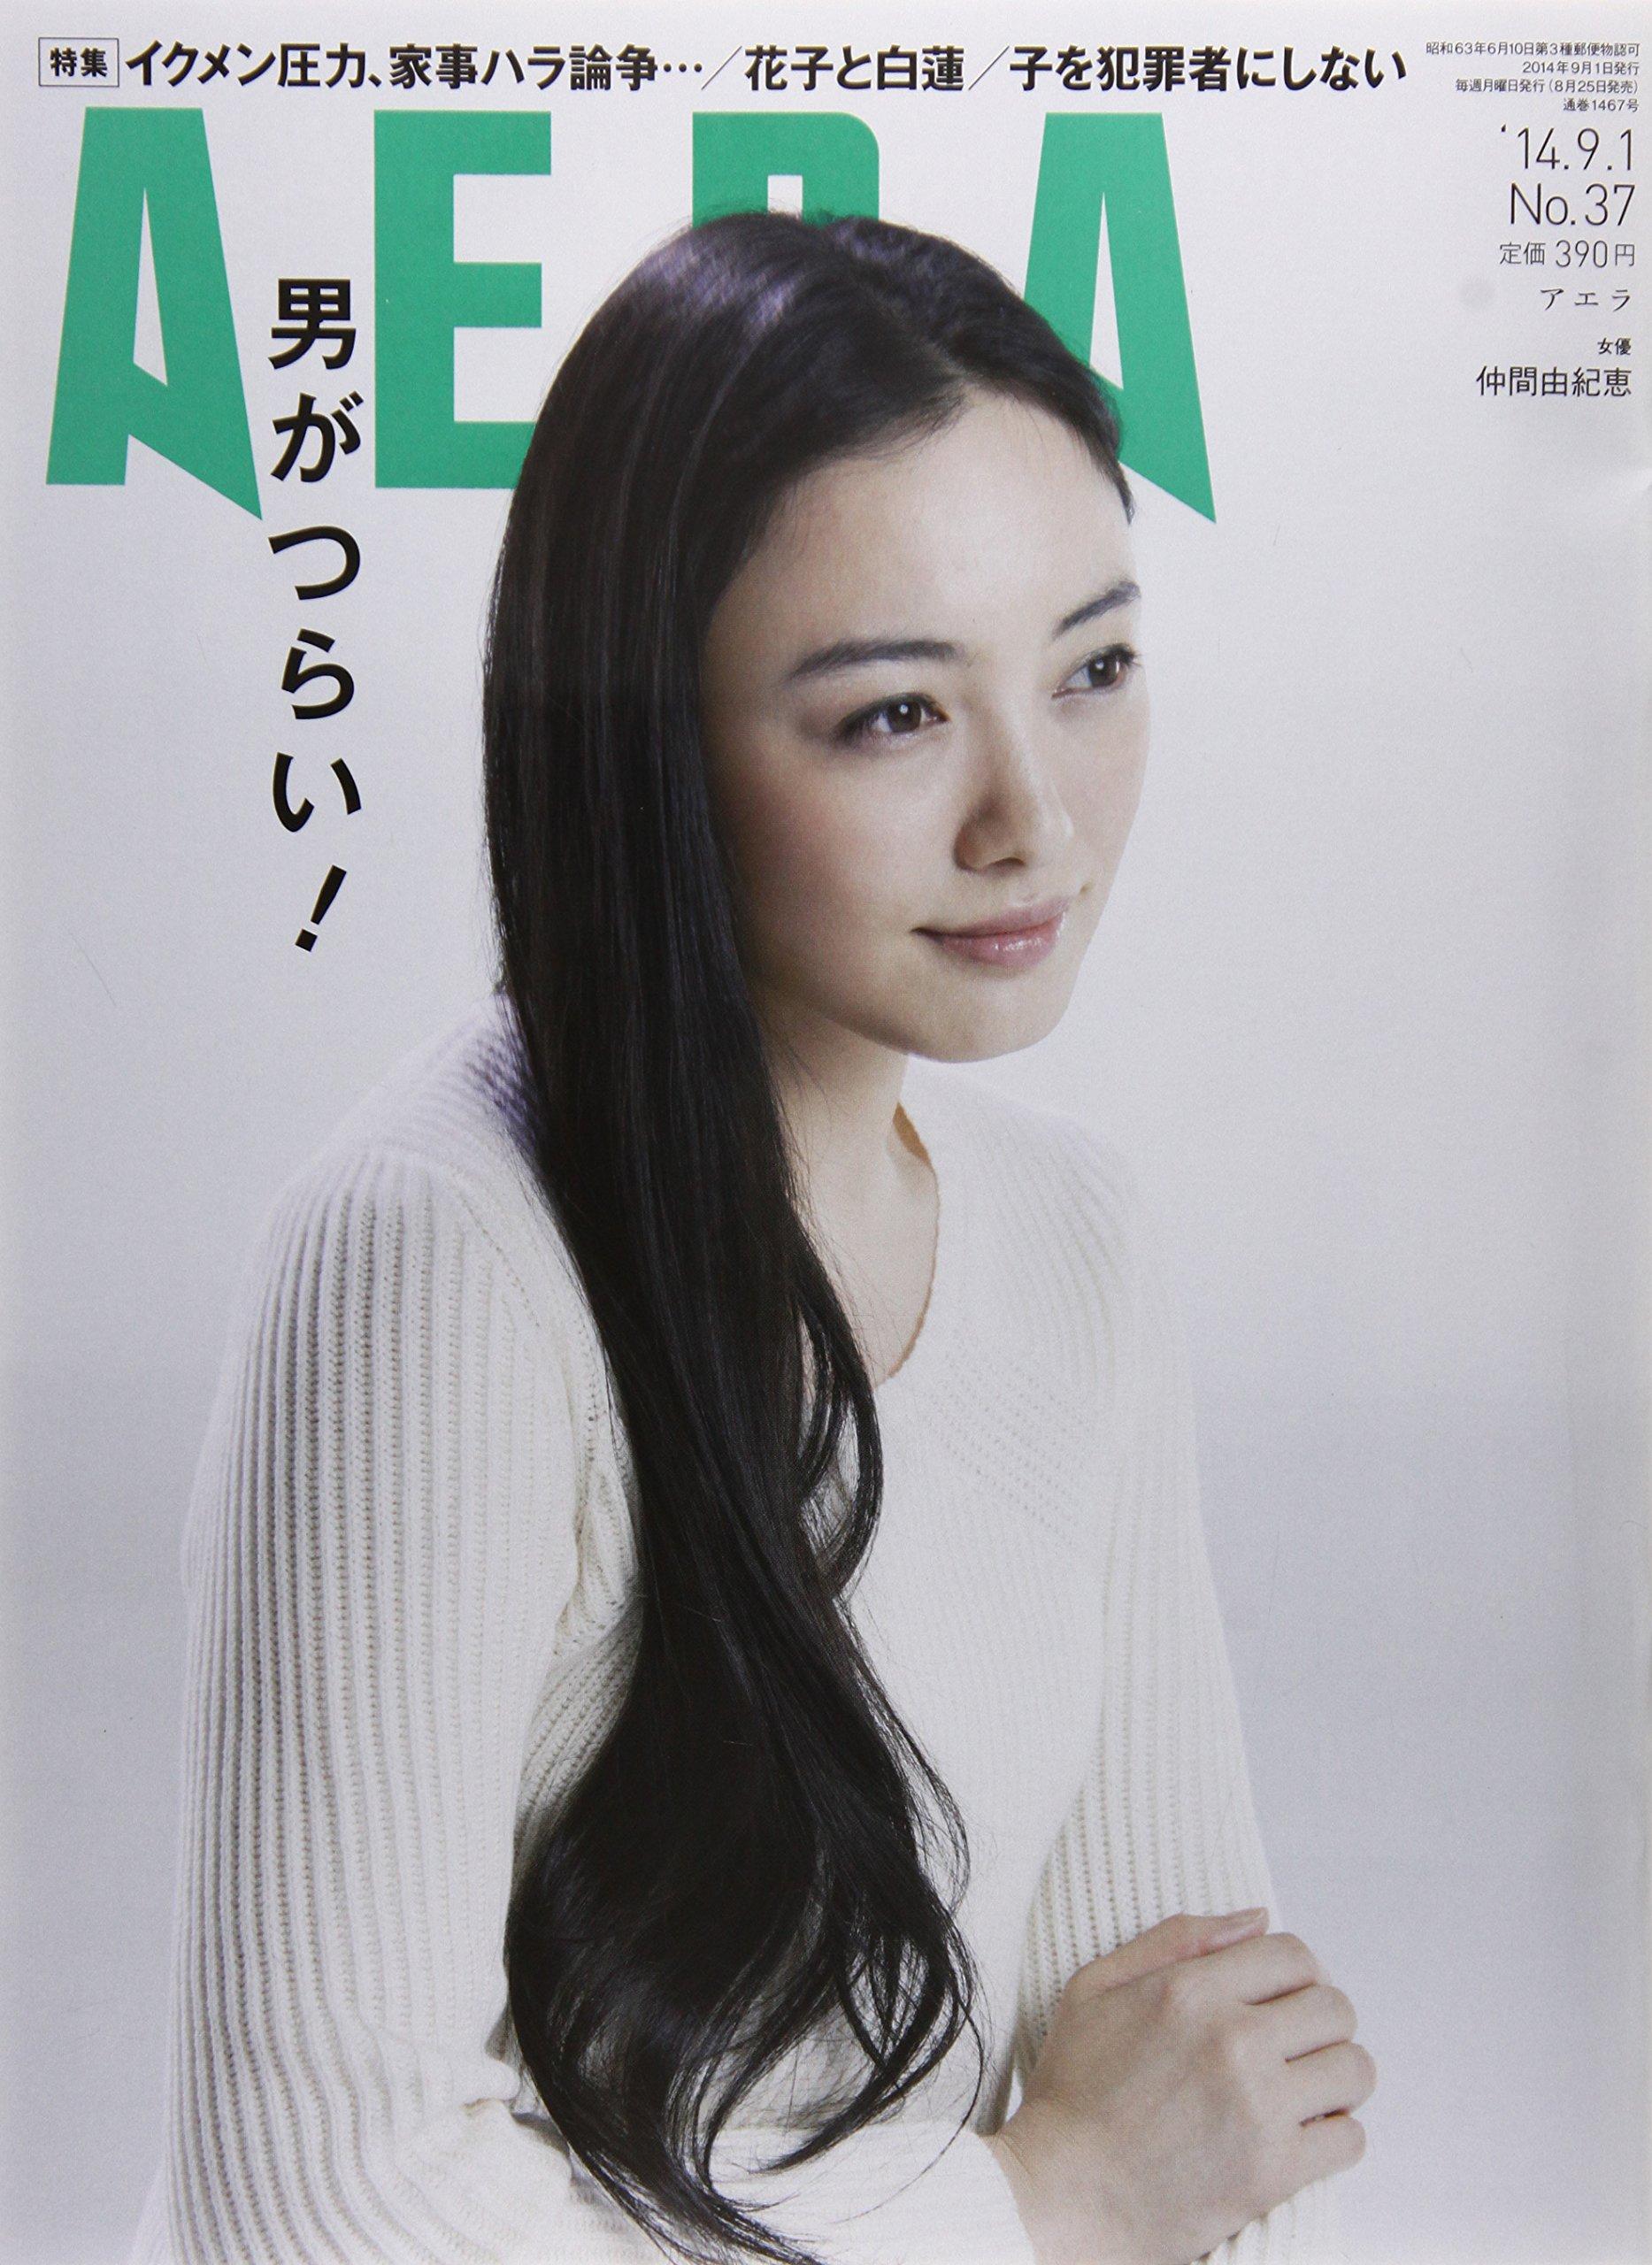 仲間由紀恵と大江アナ結婚かぁしかも2人共相手が50才前後